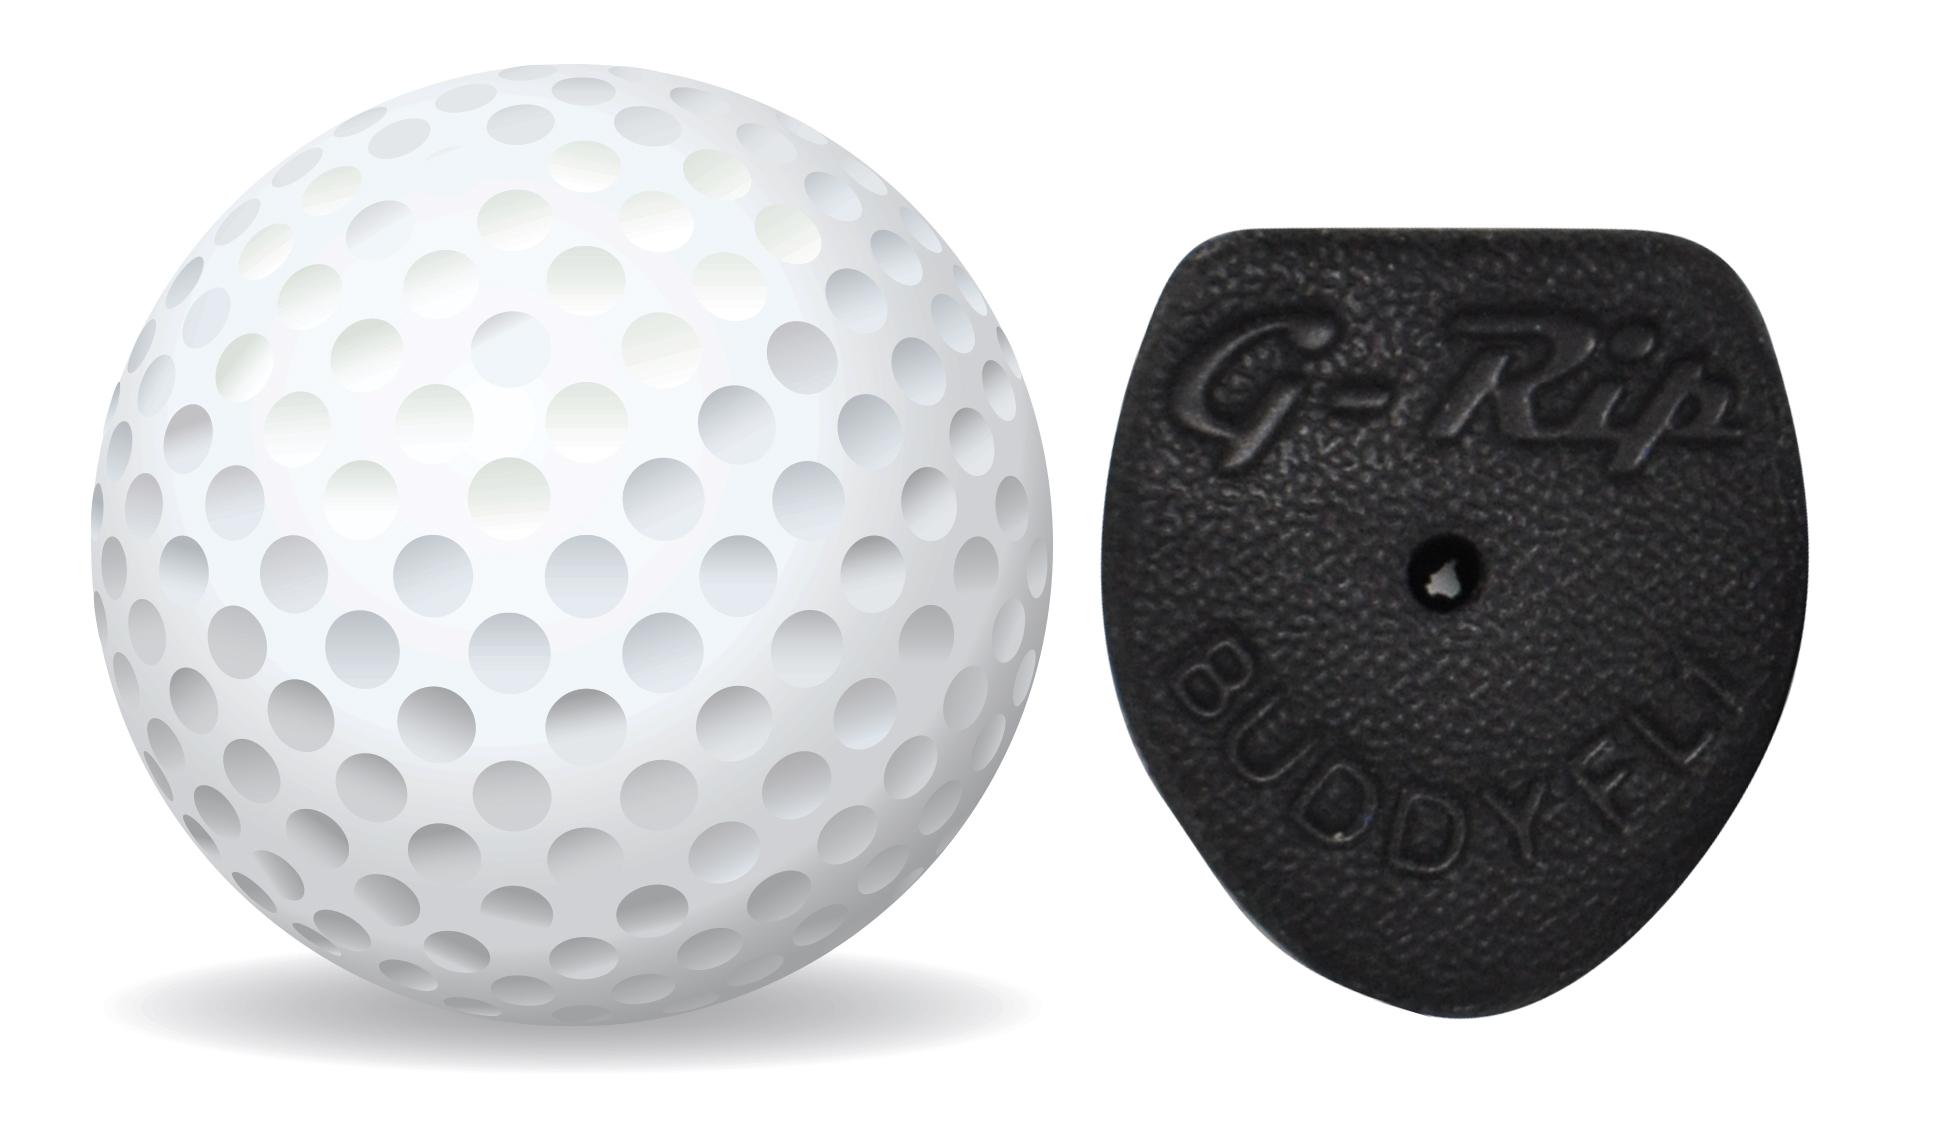 G-Rip – FL1 Size Comparison 1